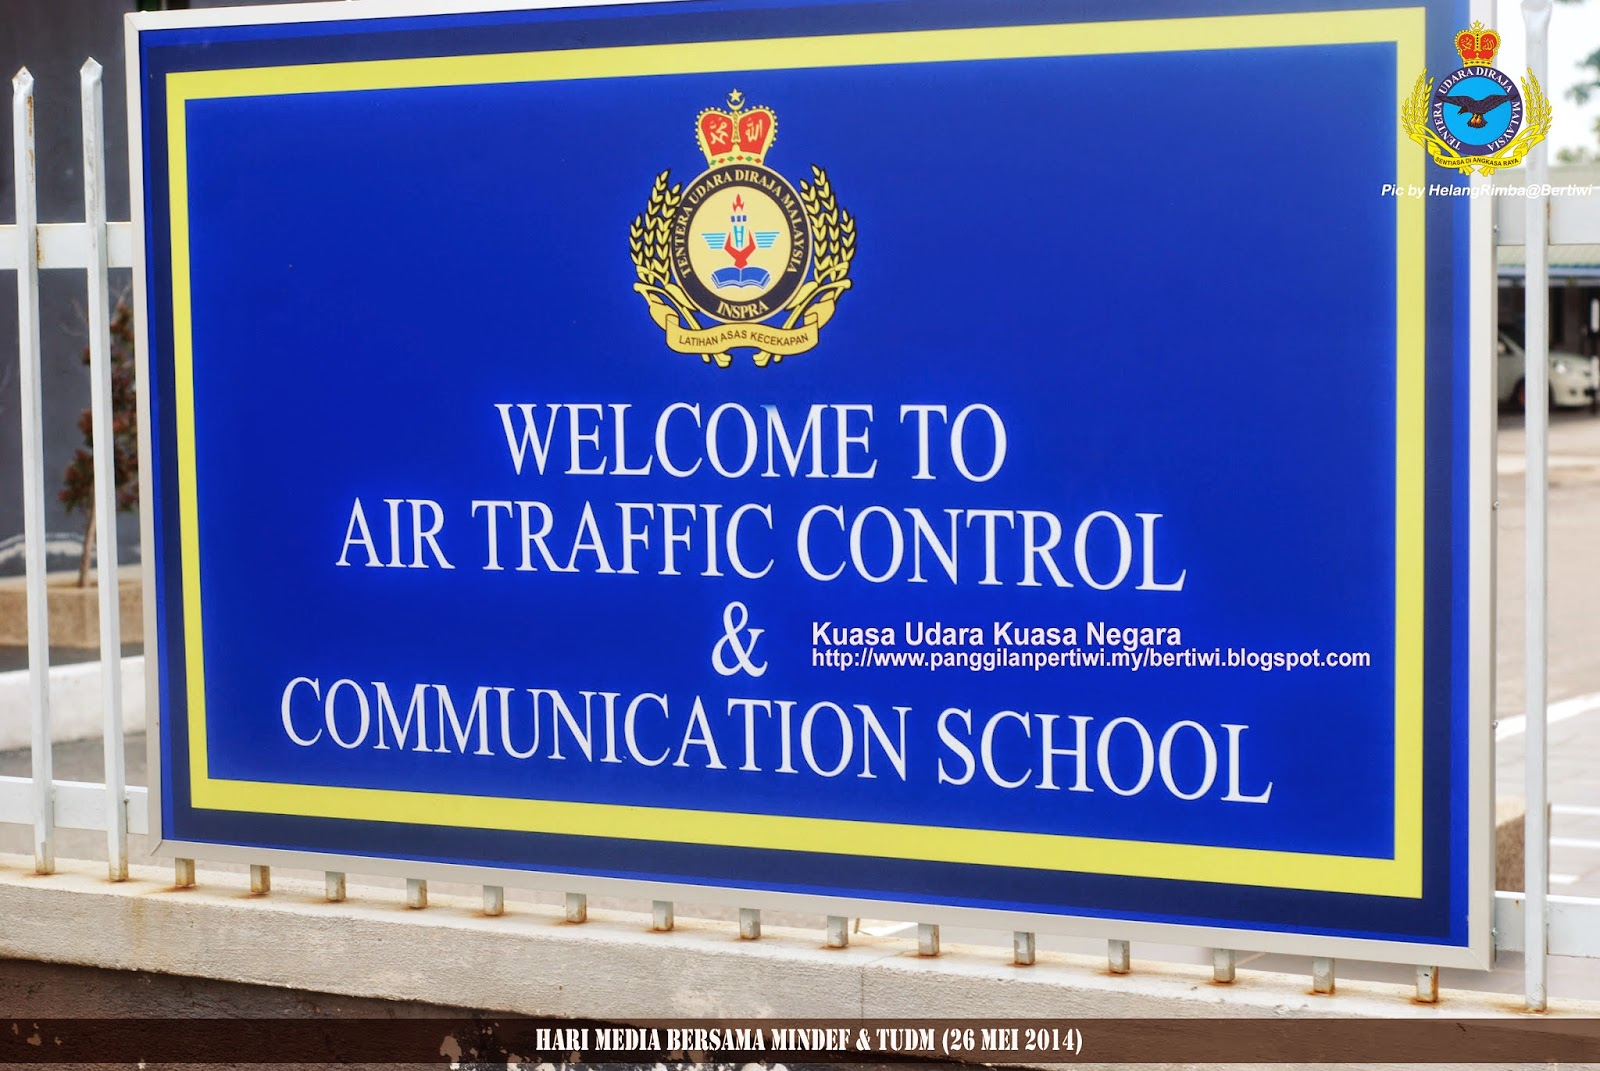 Rujukan Soalan Peperiksaan Pegawai Kawalan Trafik  Udara